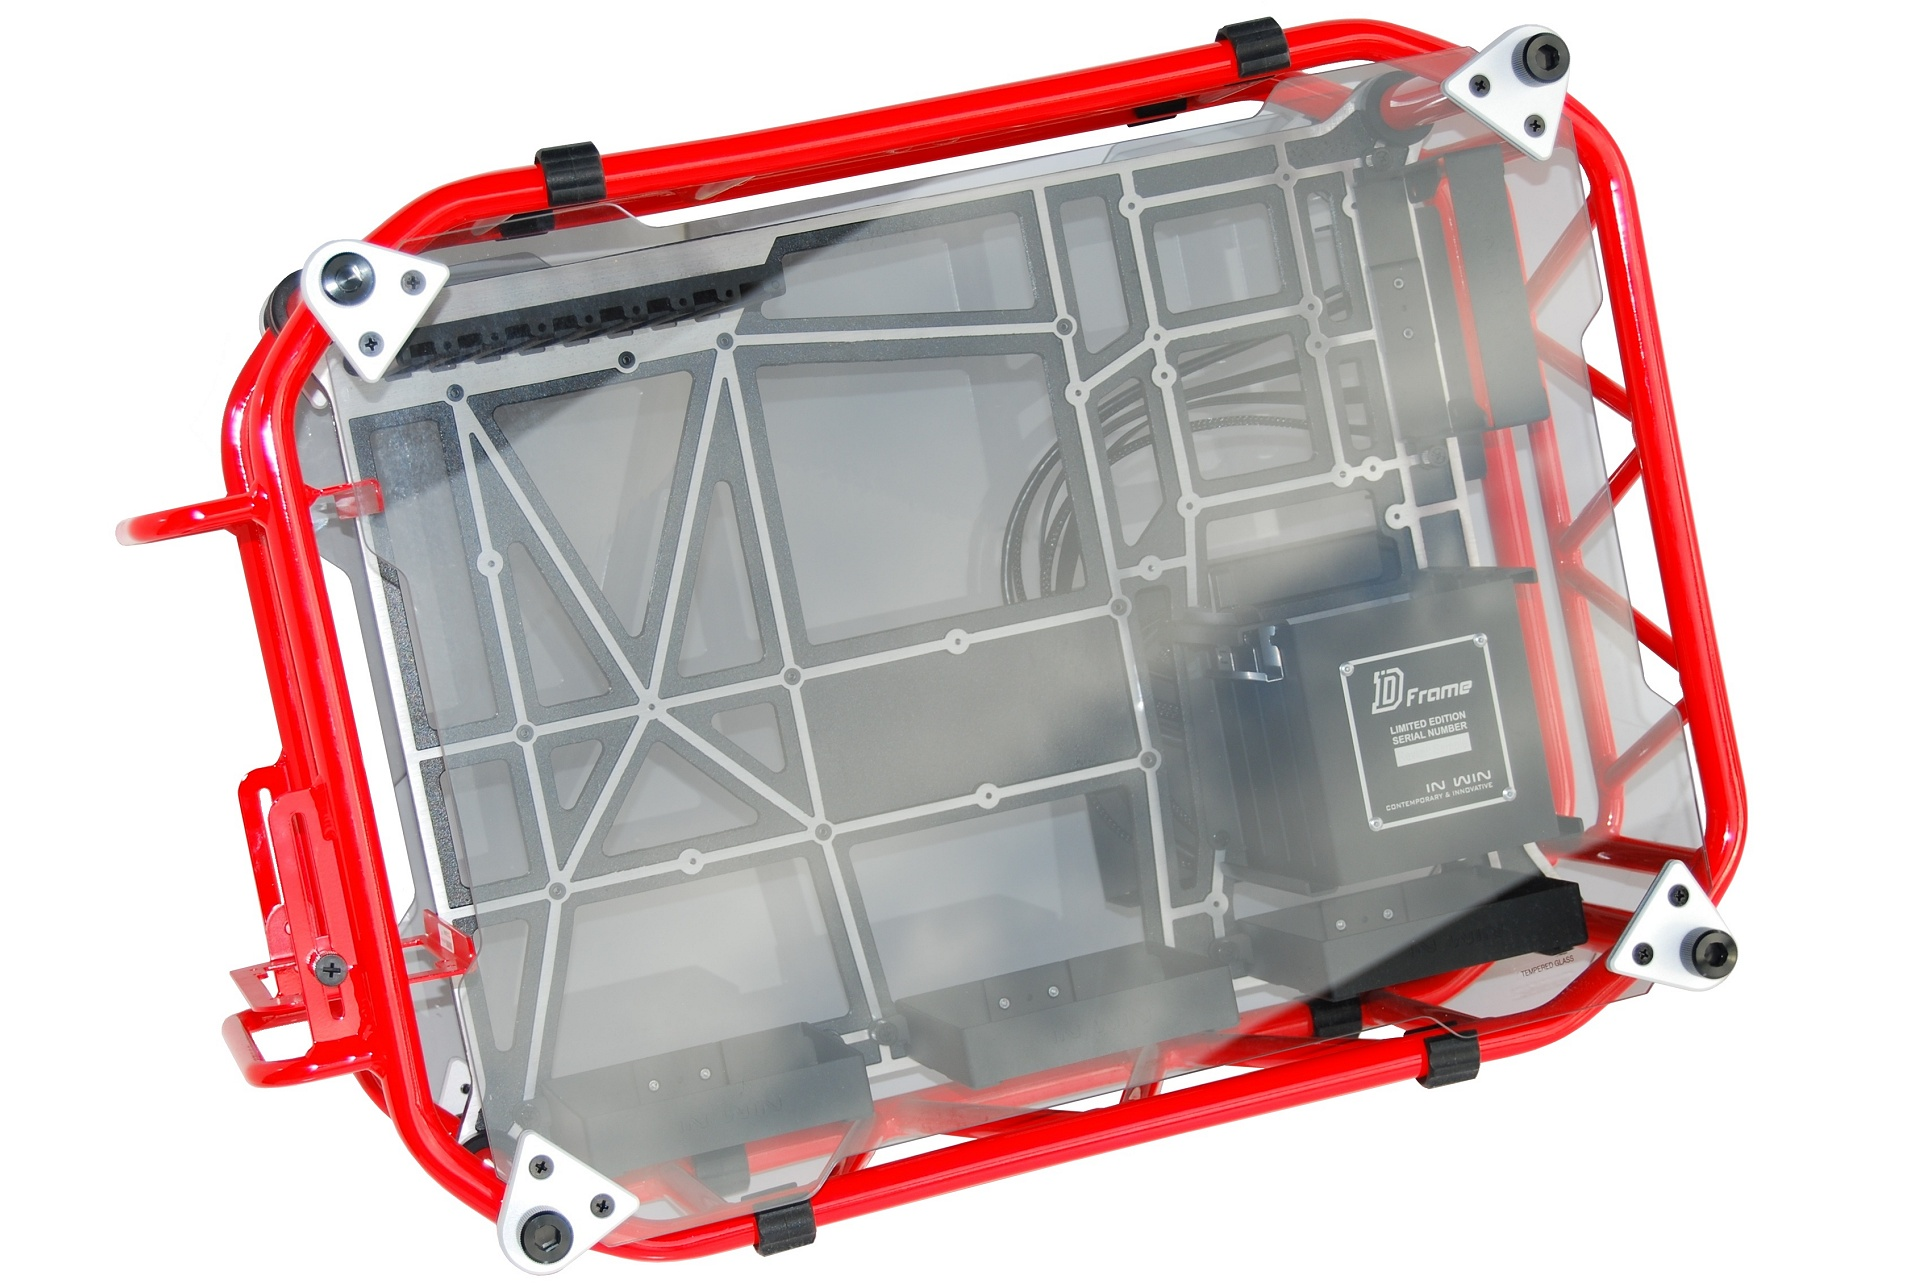 Deepcool Frame mATX Case [FRAME] : PC Case Gear